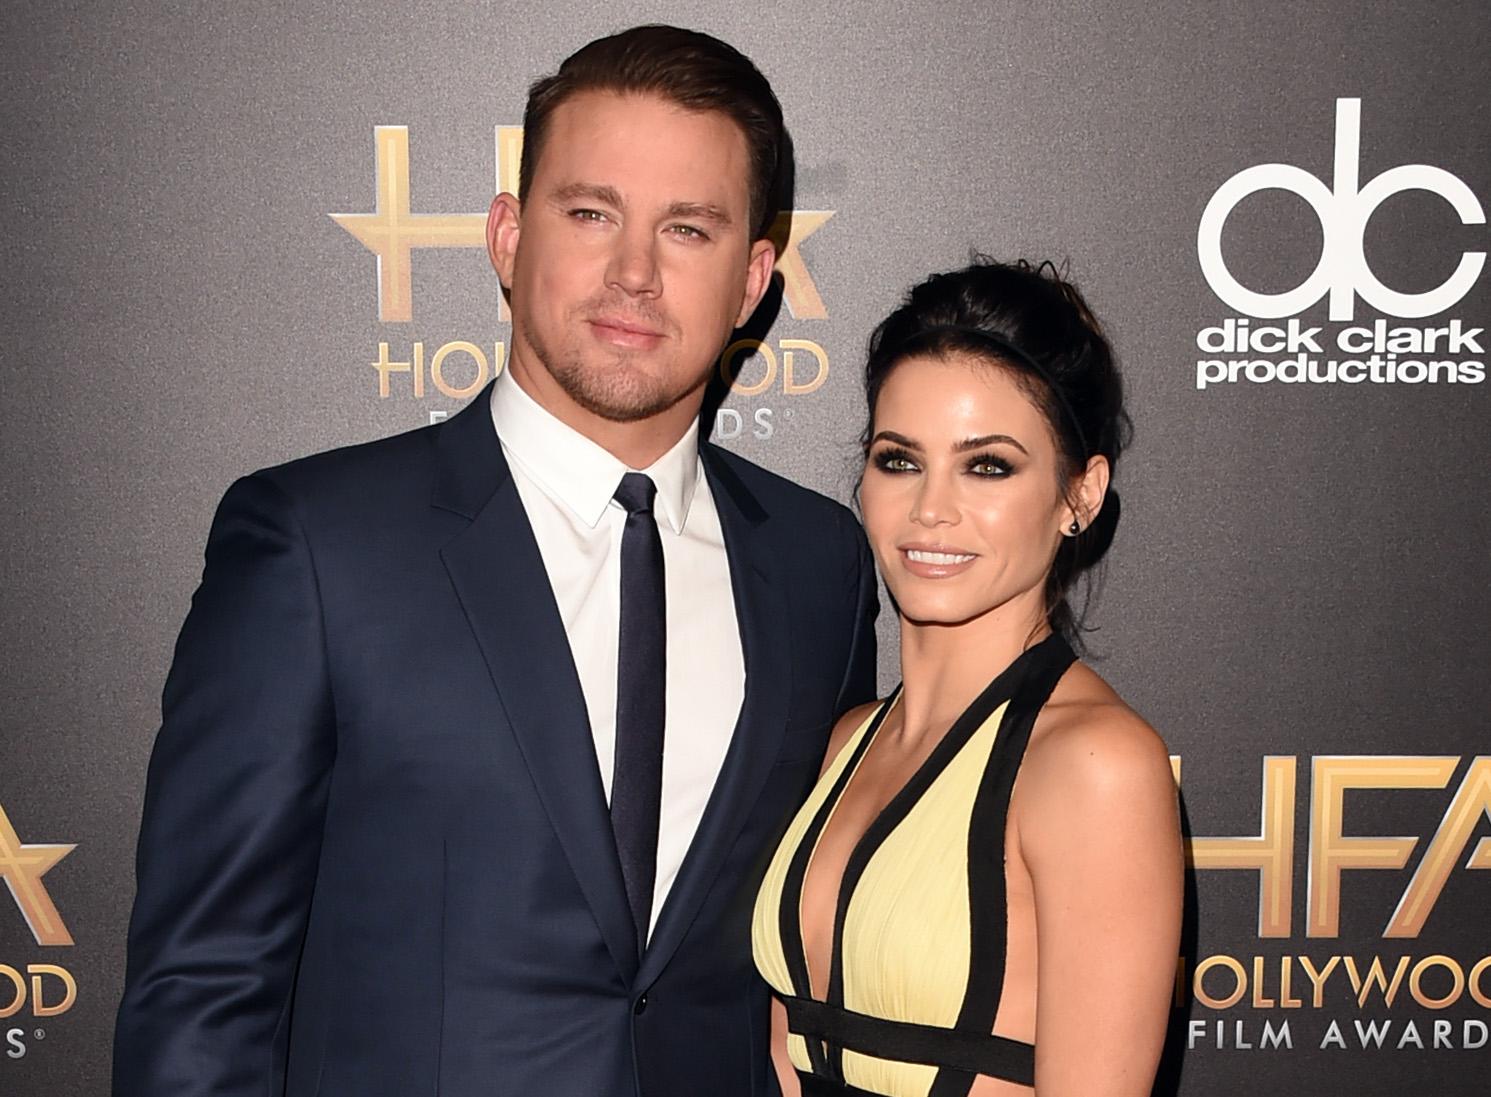 Llevan años casados, pero entre Channing Tatum y Jenna Dewan todavía saltan chispas.